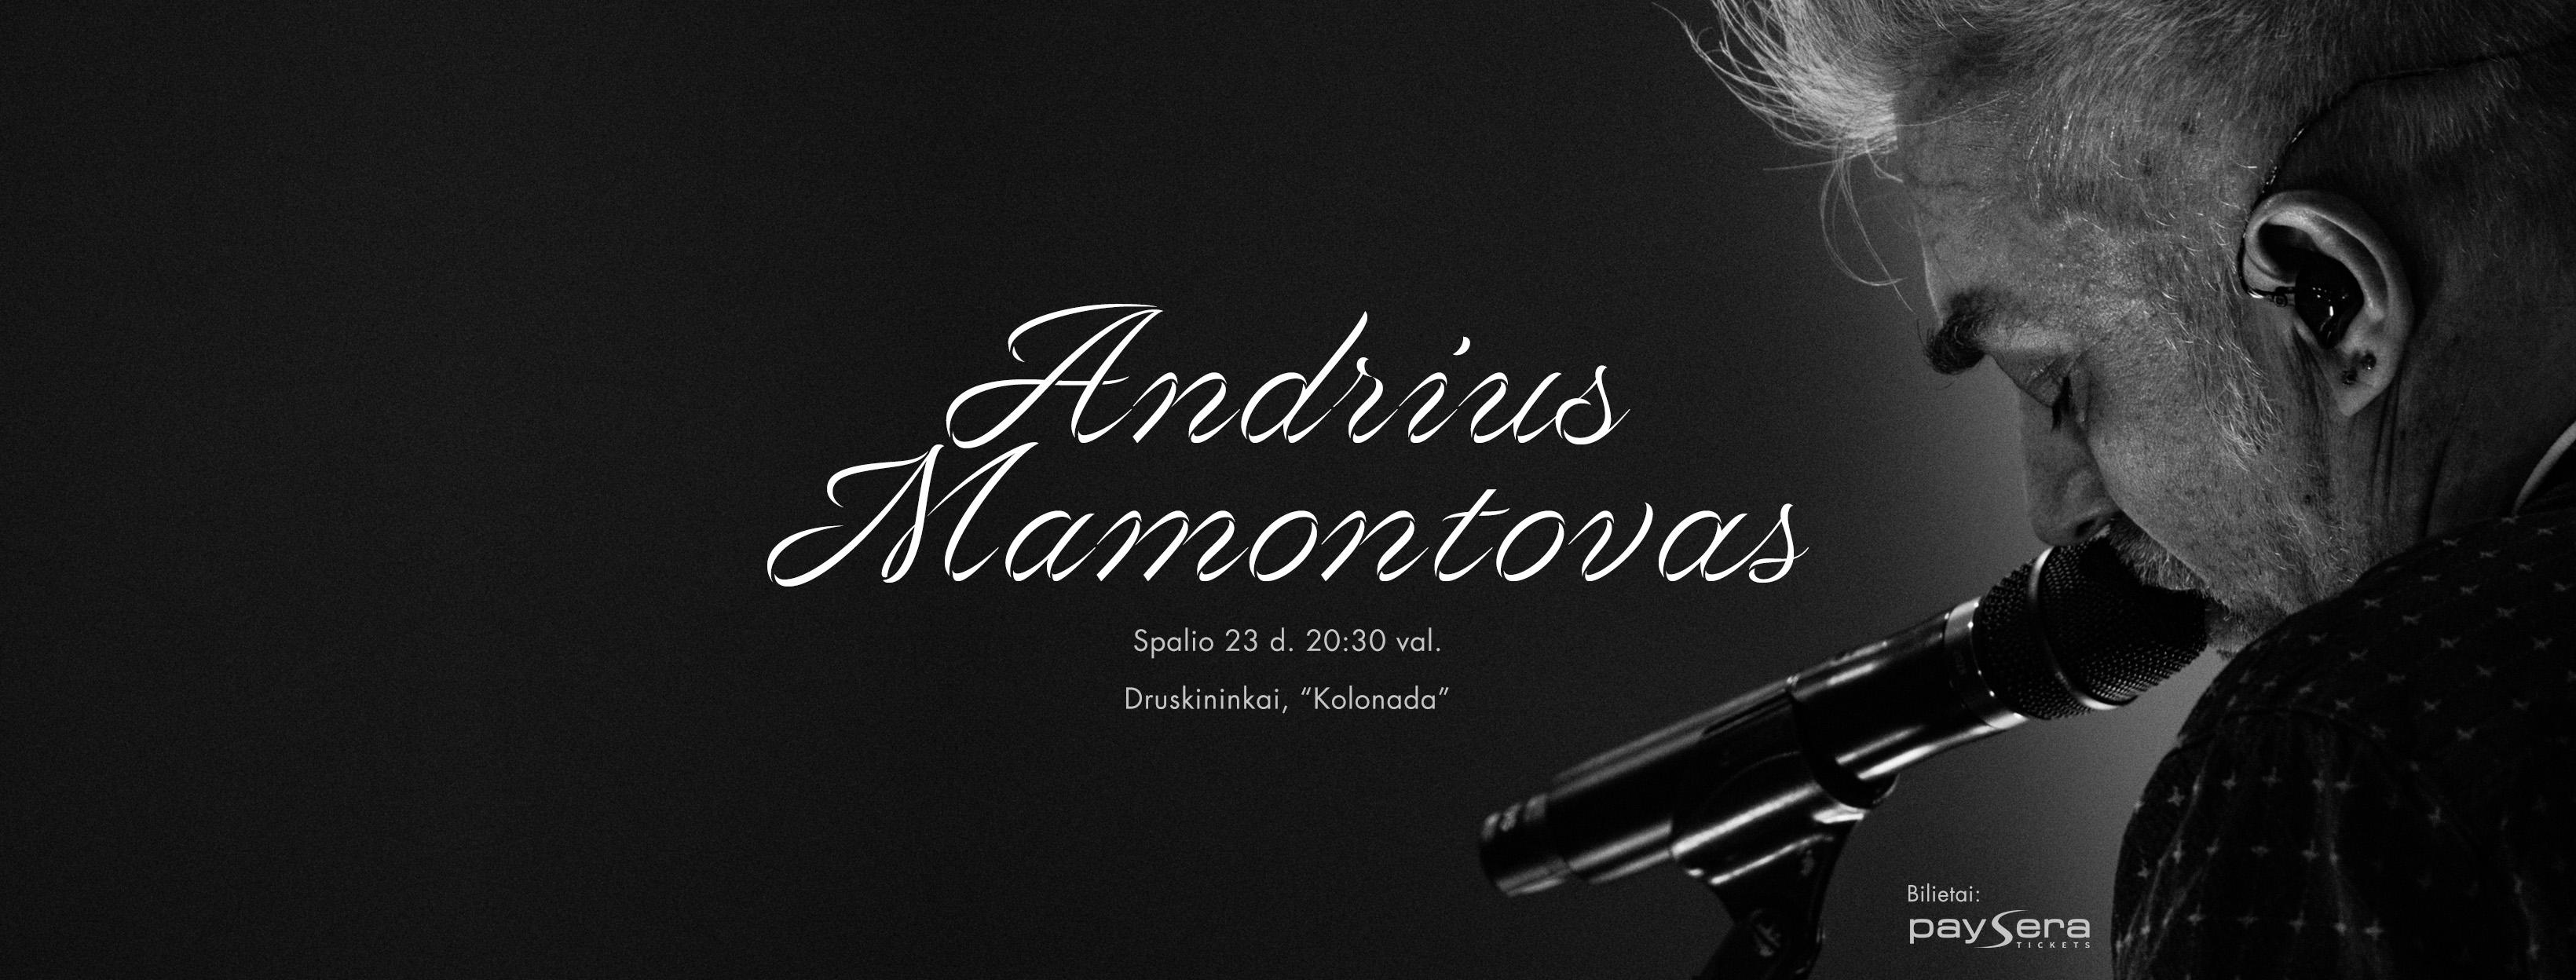 AM_Druskininkai_Page_Cover